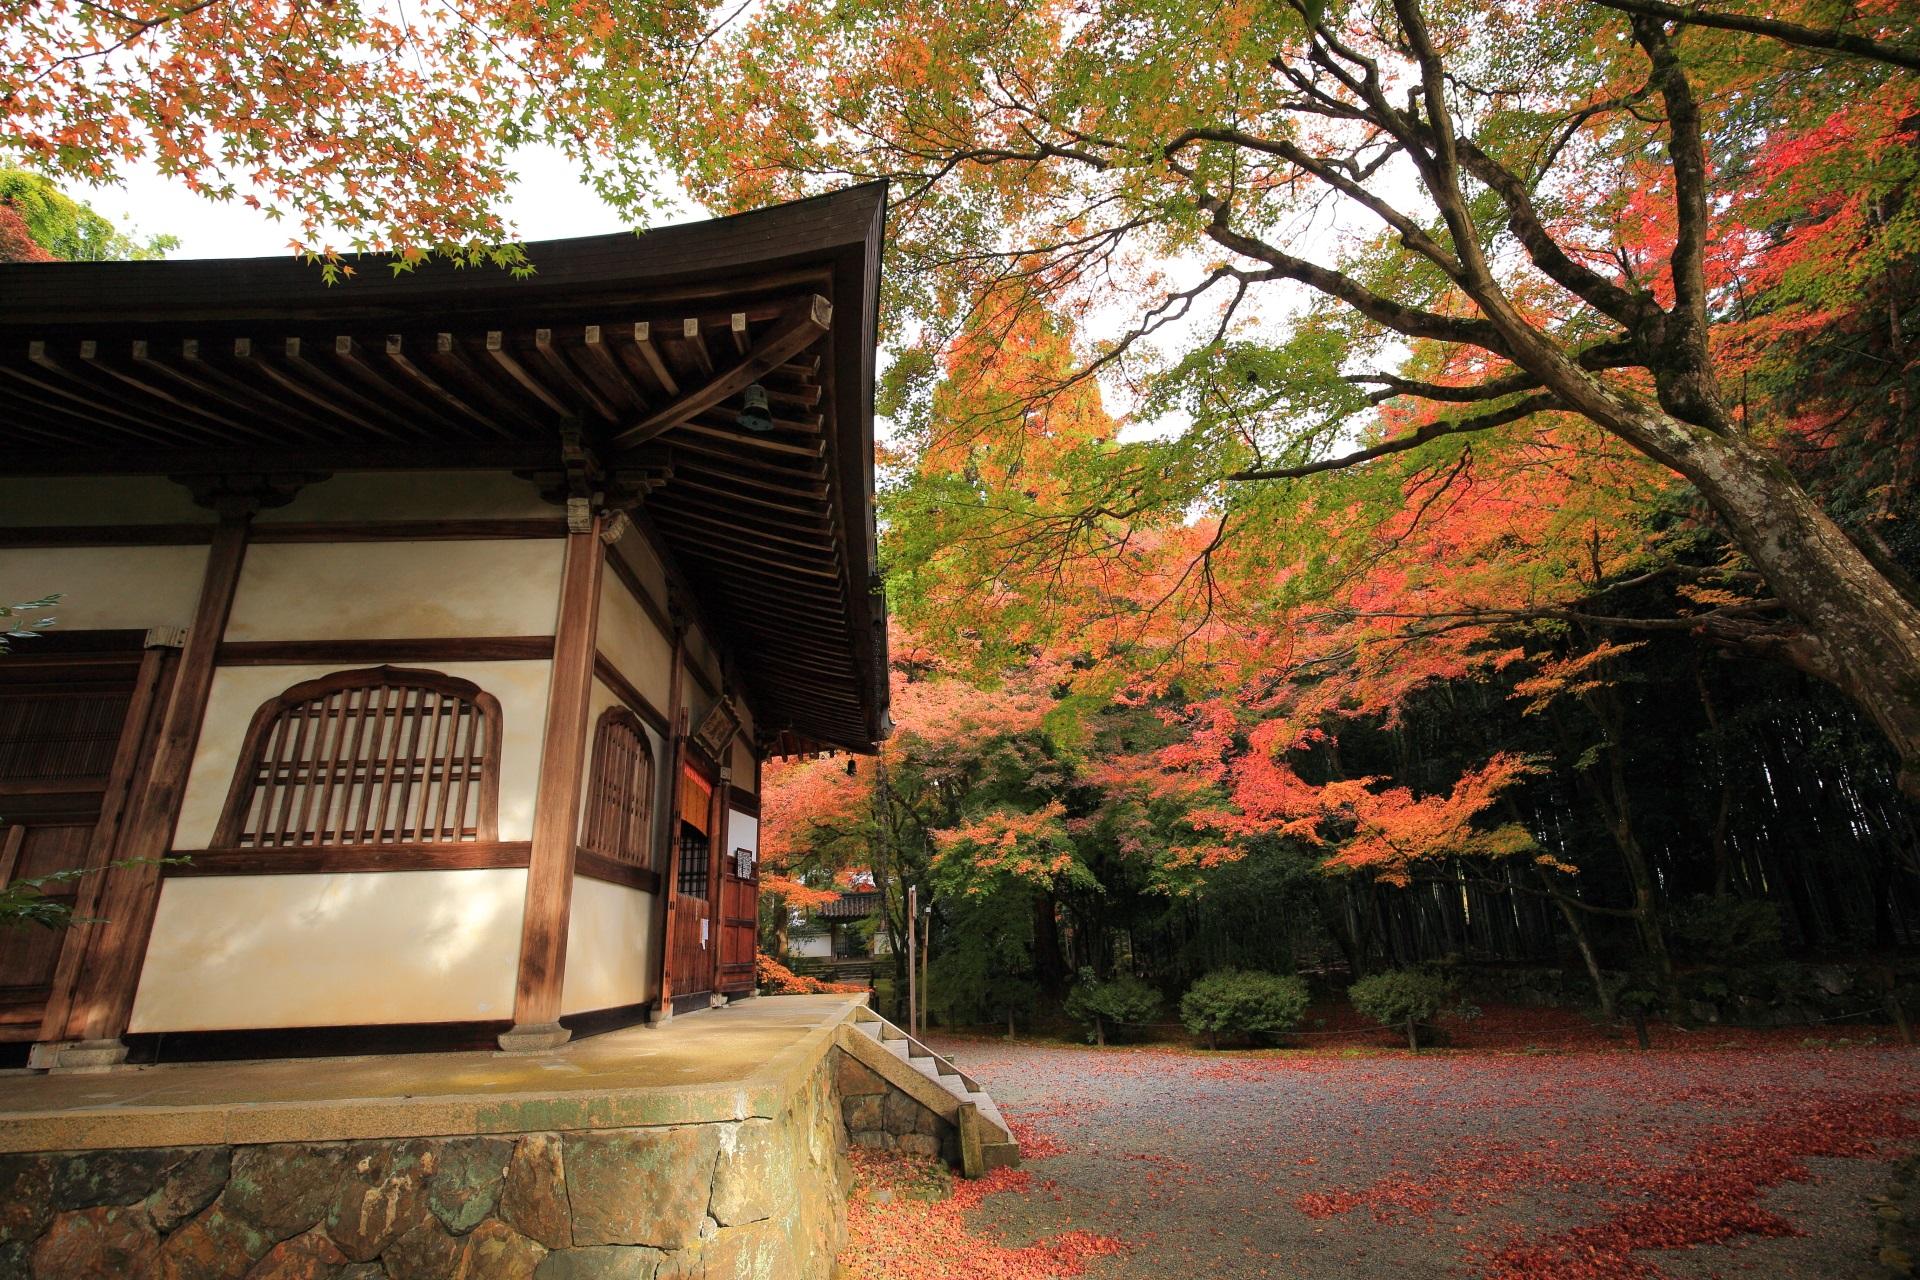 ほのかな秋色の空間に佇む白壁の本堂